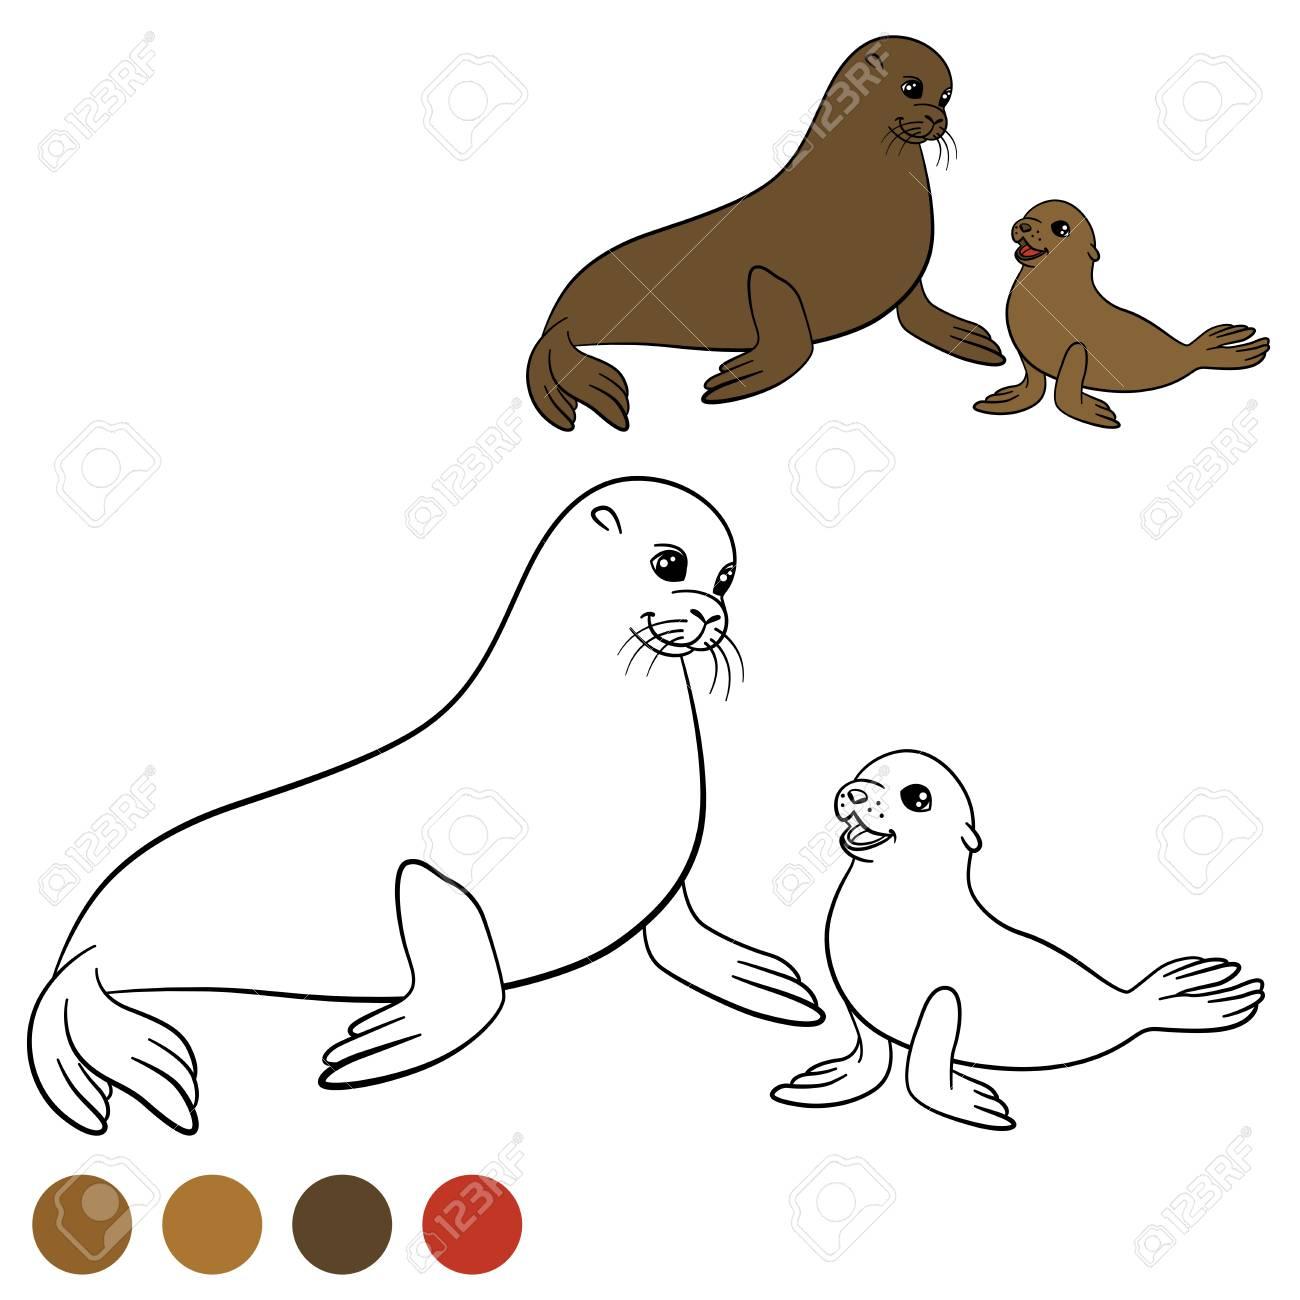 Dibujo Para Colorear Con Los Colores Lobo Marino De La Madre Con Su